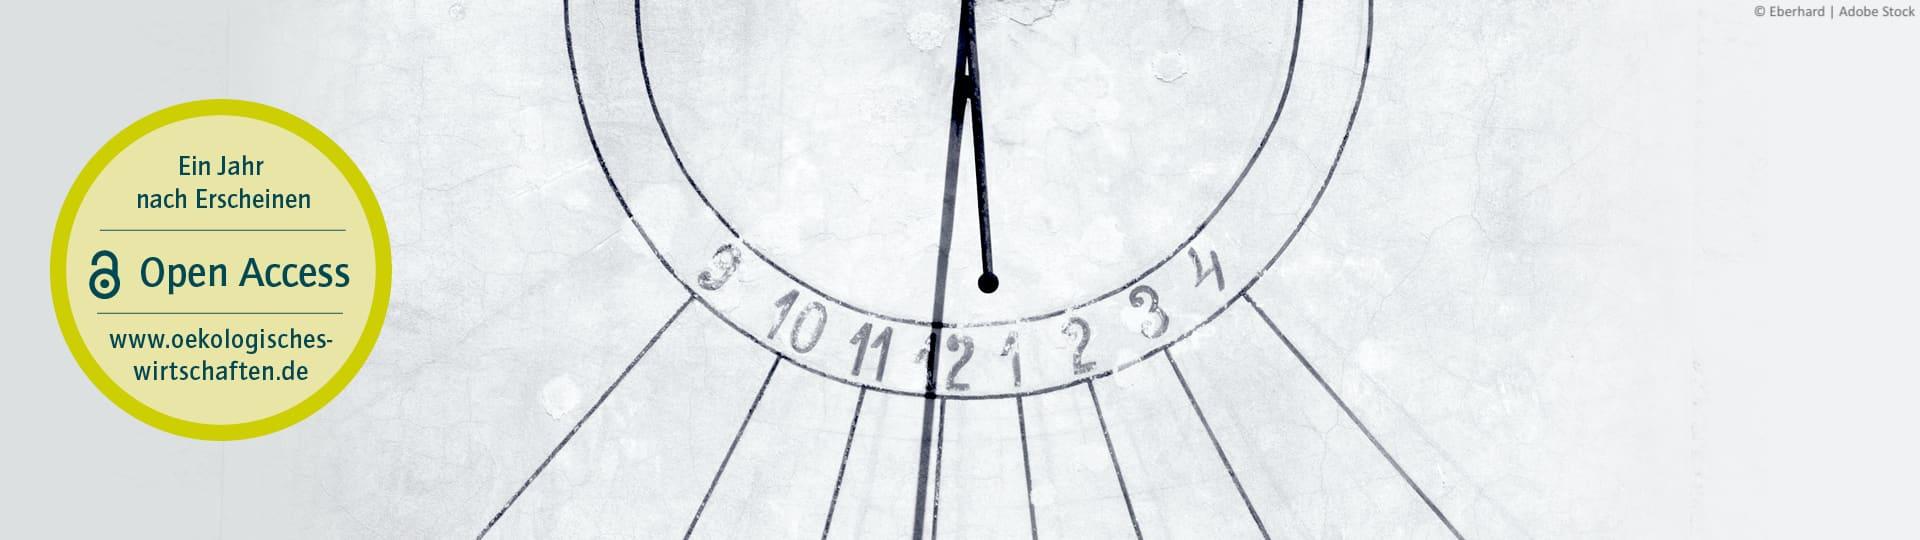 Ein Jahr nach Erscheinen der Ausgabe, können Sie die Artikel kostenfrei auf www.oekologisches-wirtschaften.de lesen.